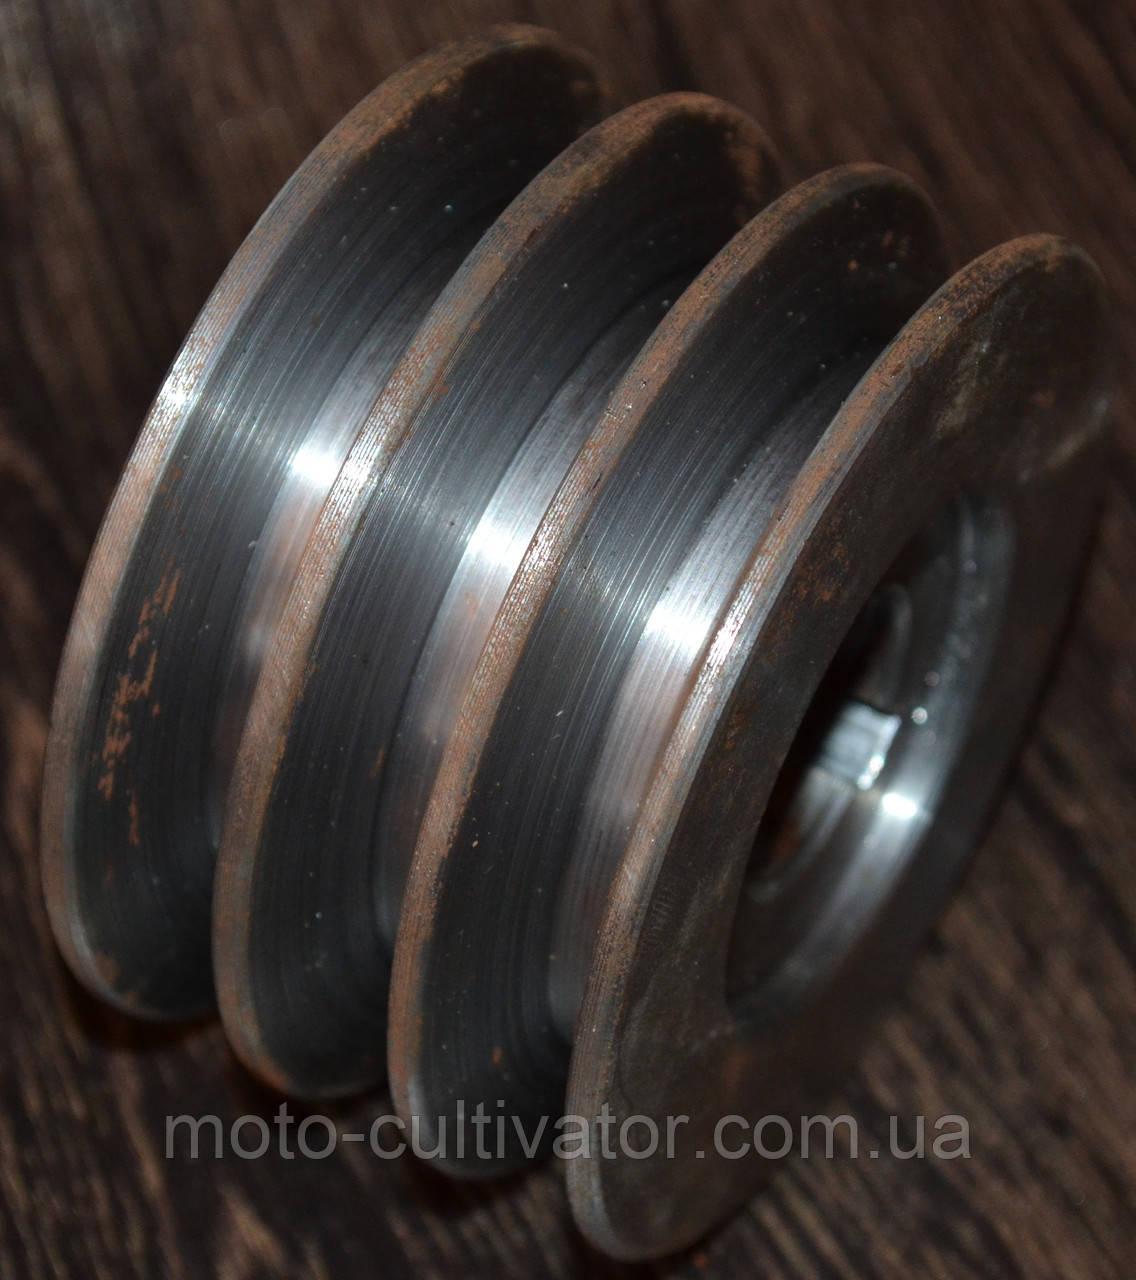 Шкив 3-х ручейковый (профиль А) 25мм внутренний,наружный 85 мм